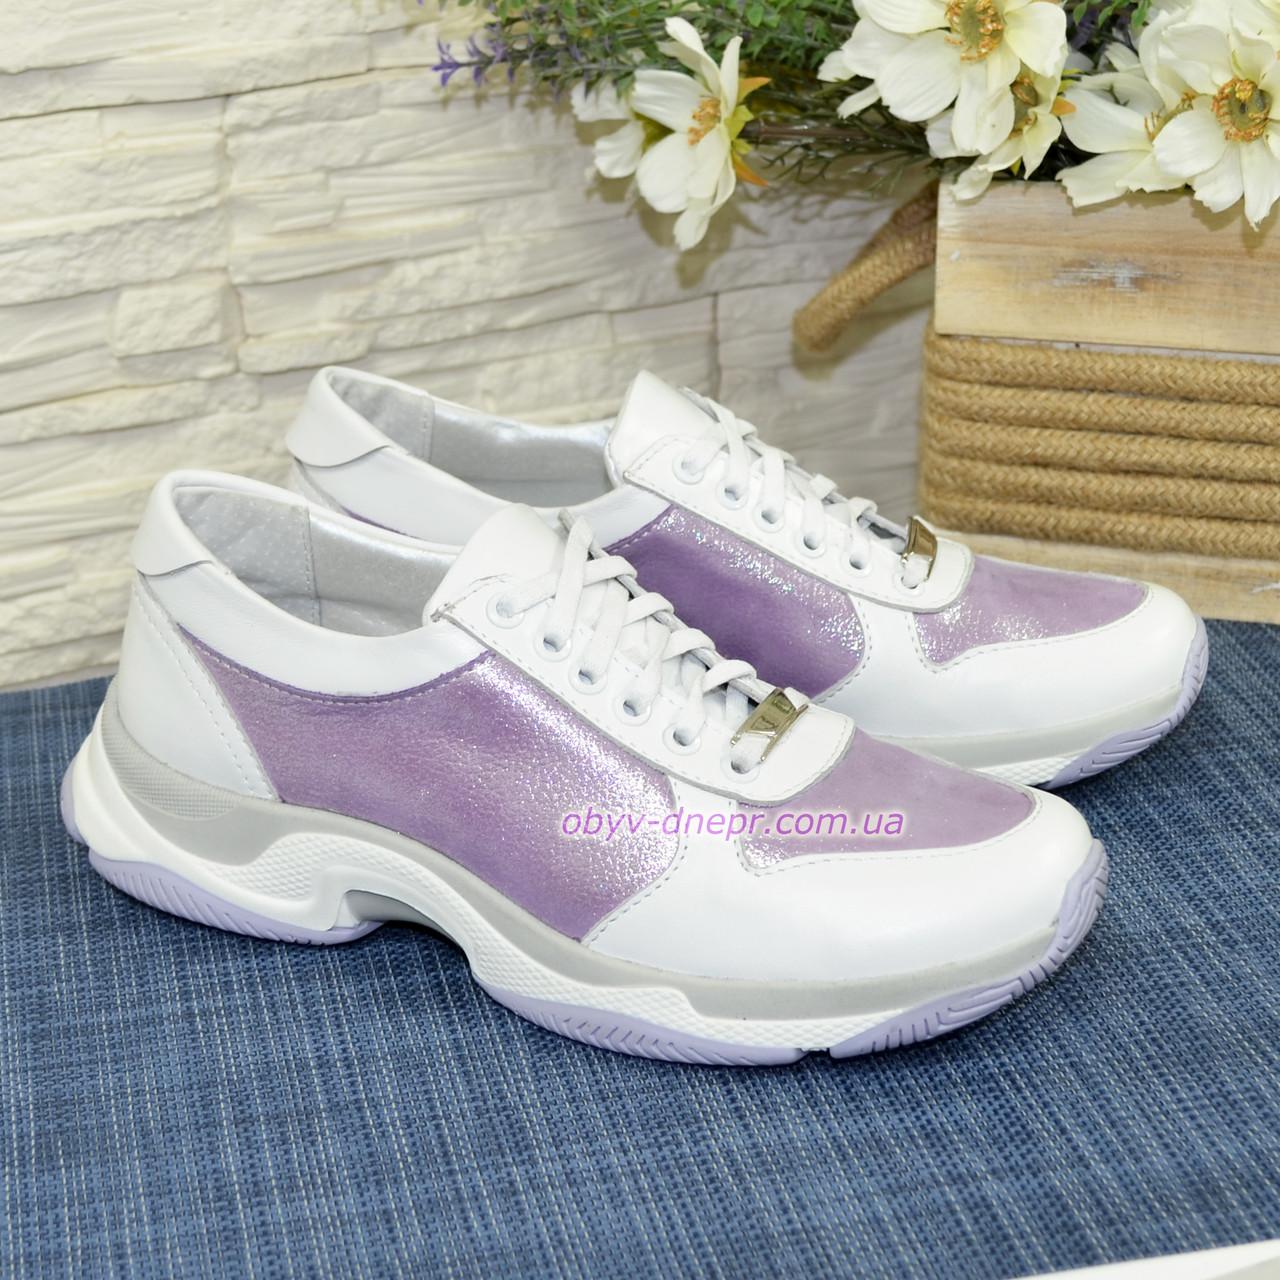 Стильные женские кожаные кроссовки на шнуровке, цвет белый/лаванда